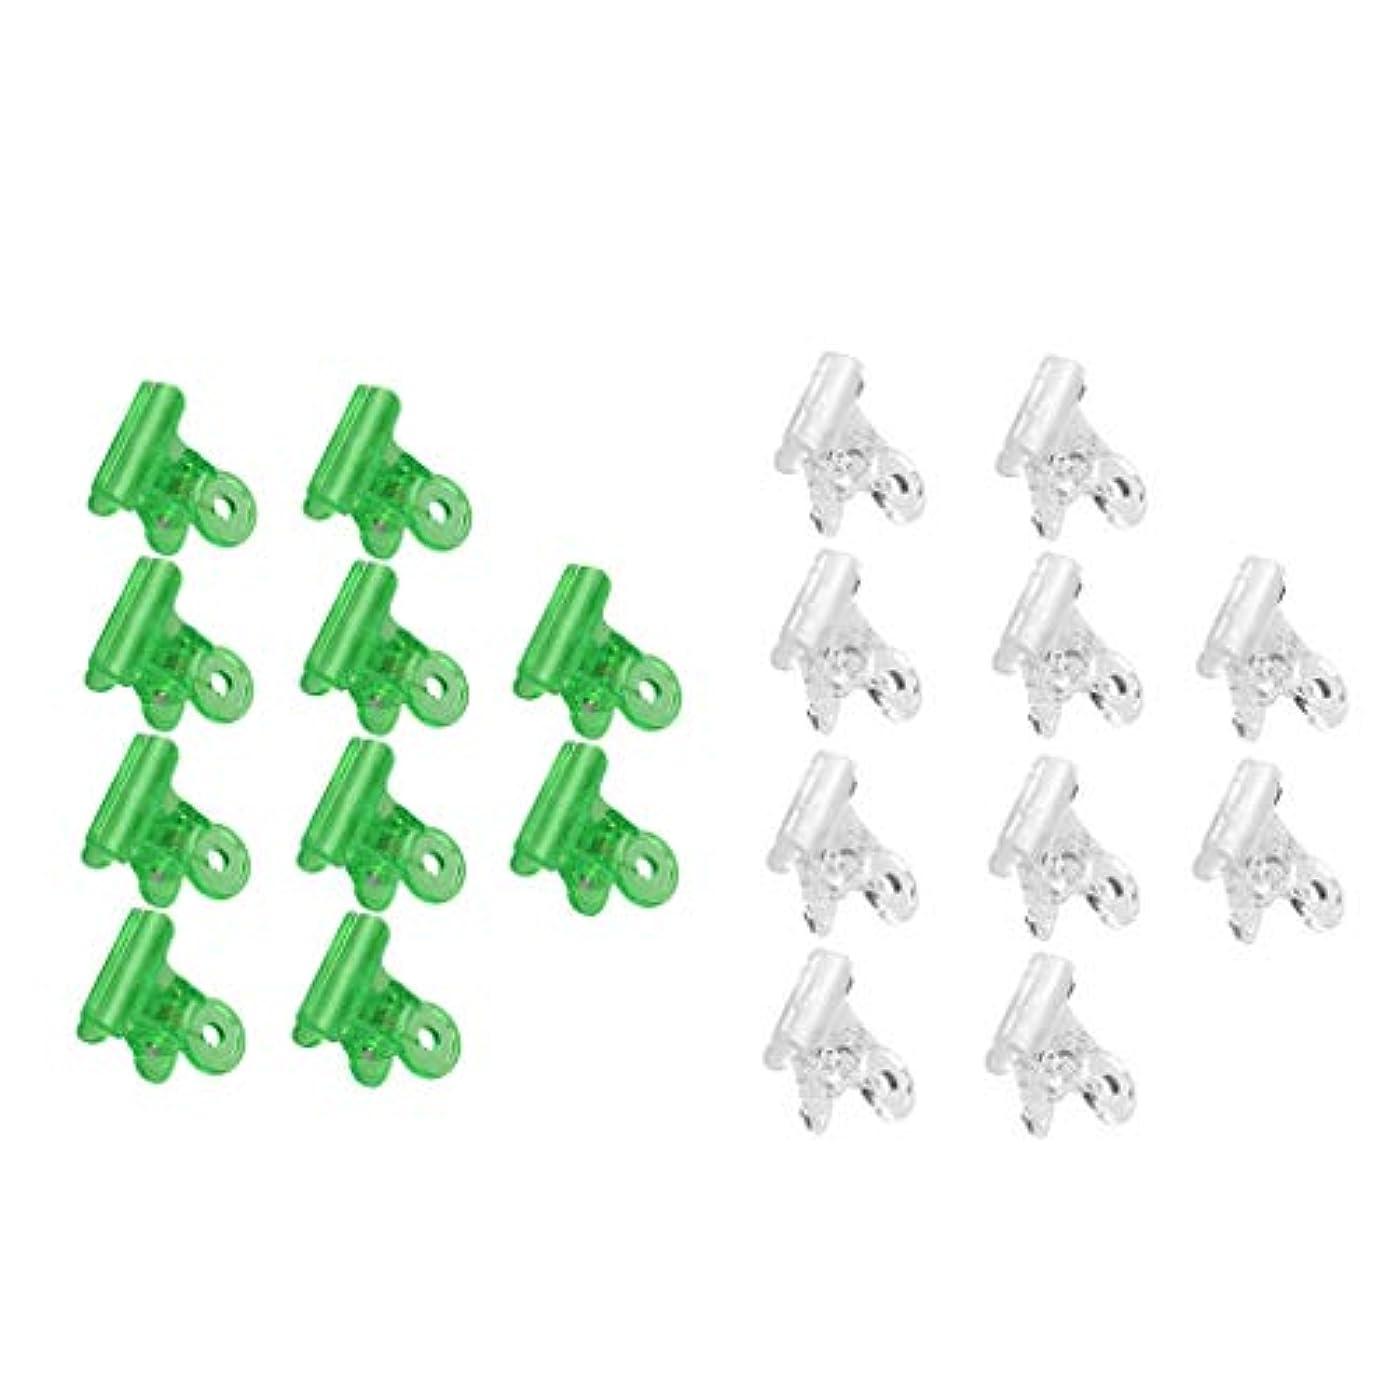 また天皇神経障害Perfeclan ネイルクリップ オフ ジェルネイルポリッシュ クリーナークリップ 再利用可能 20個セット 全3種 - グリーン+クリア